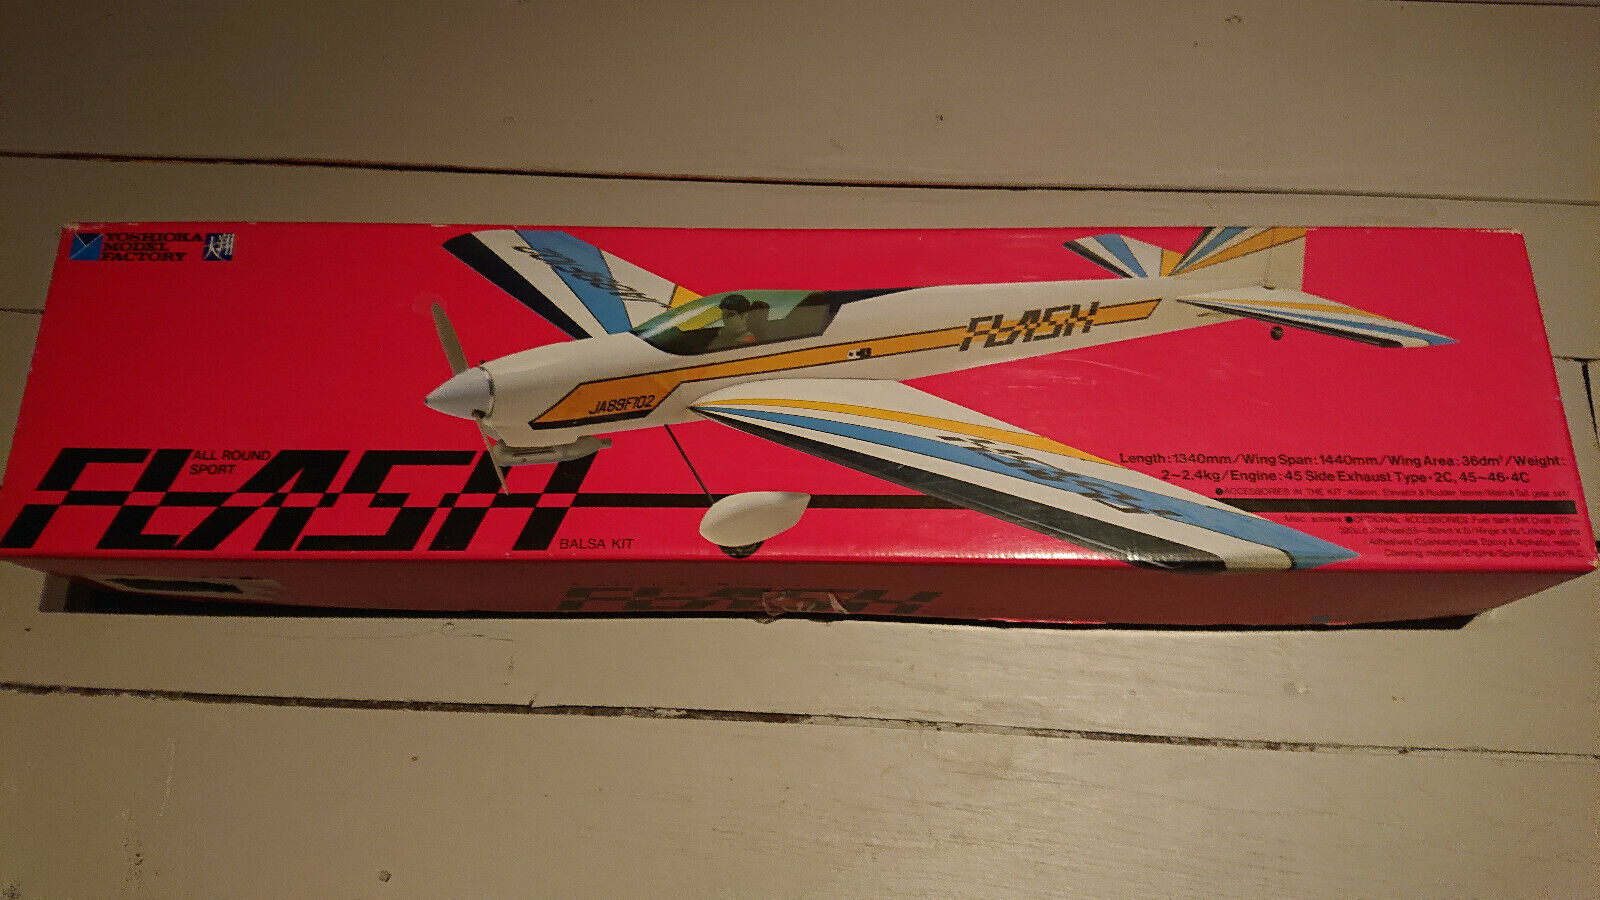 Kit YOSHIOKA avion RC Voltige F3A FLASH tout bois électrique / thermique